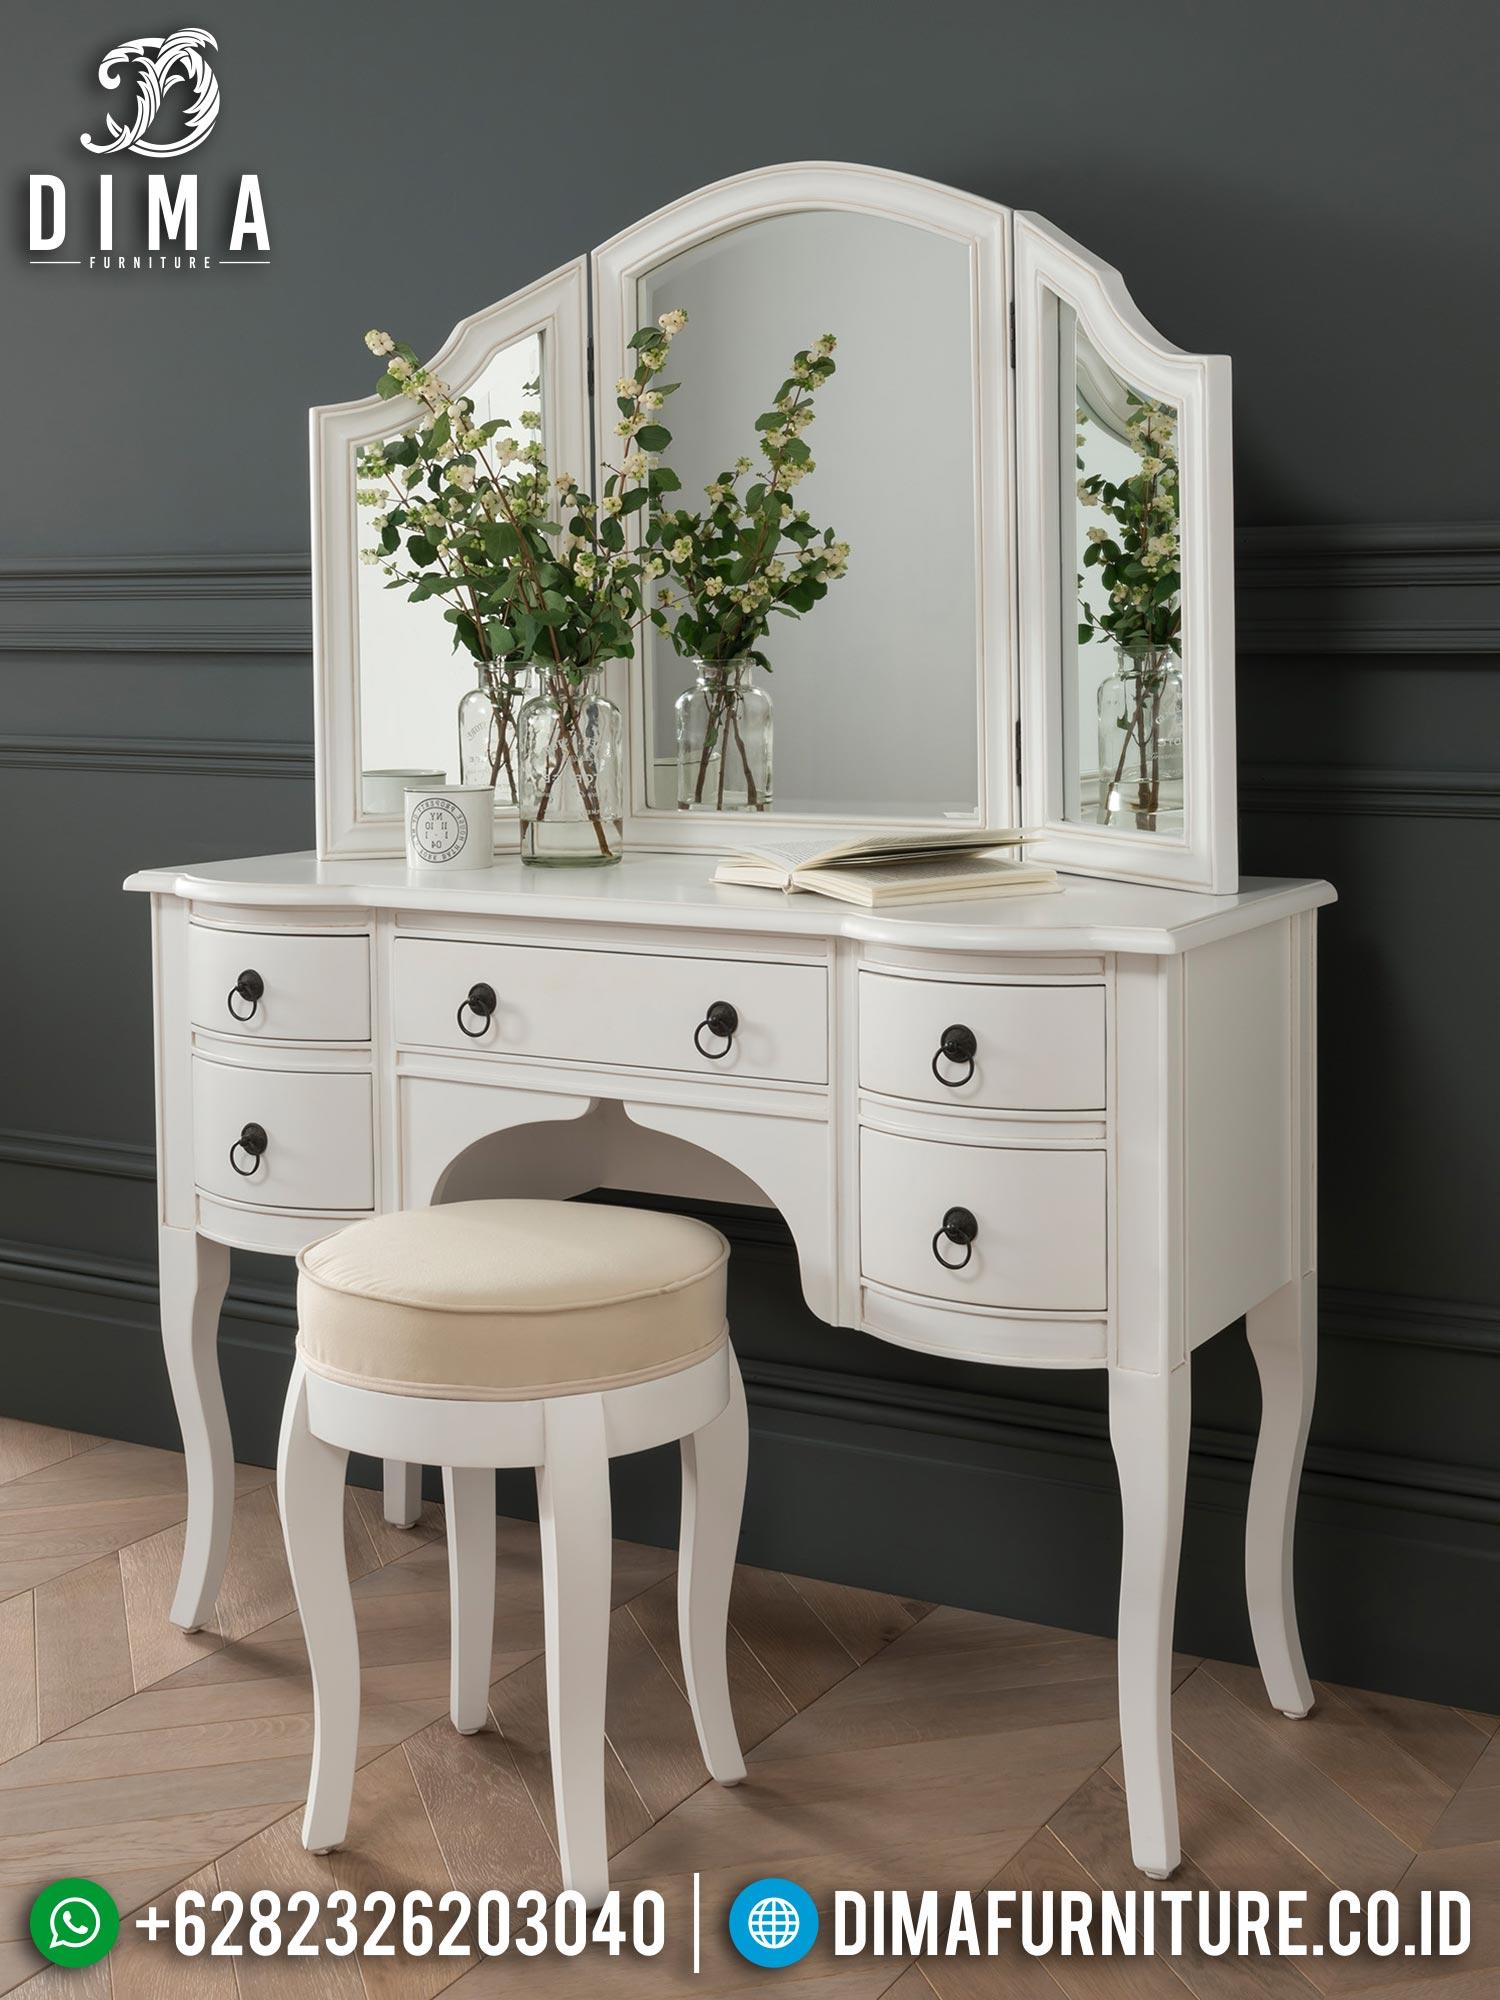 Jual Meja Rias Minimalis Putih Klasik Elegant Style Luxury ST-1332